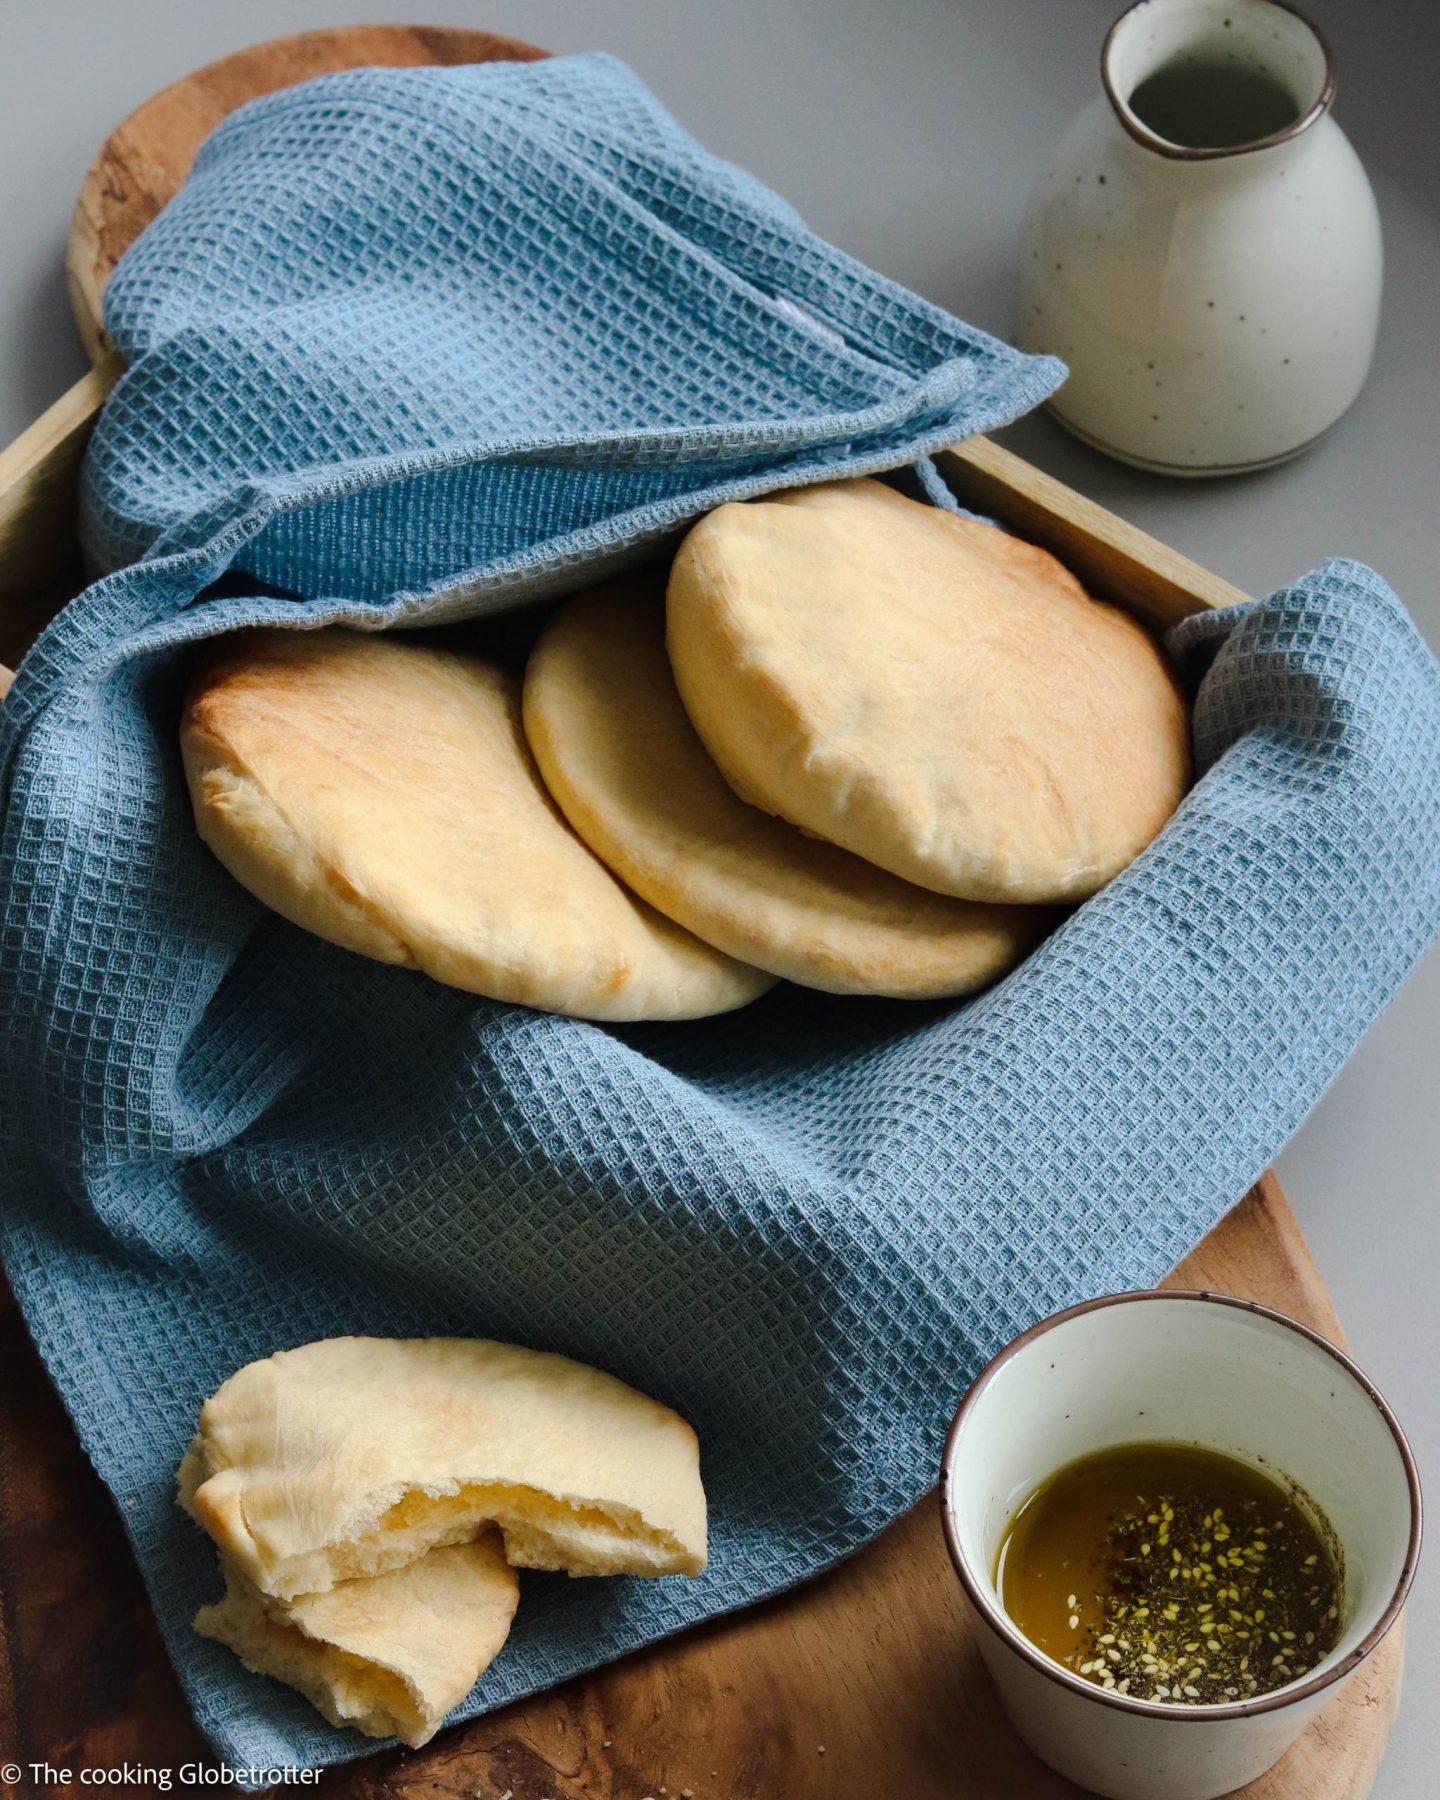 MAIN Pita ist ein Fladenbrot aus Hefeteig, die sehr verbreitet im ganzen Nahen Osten ist. Da sie innen hol sind, eignen sich die Pitataschen wunderbar zum Füllen